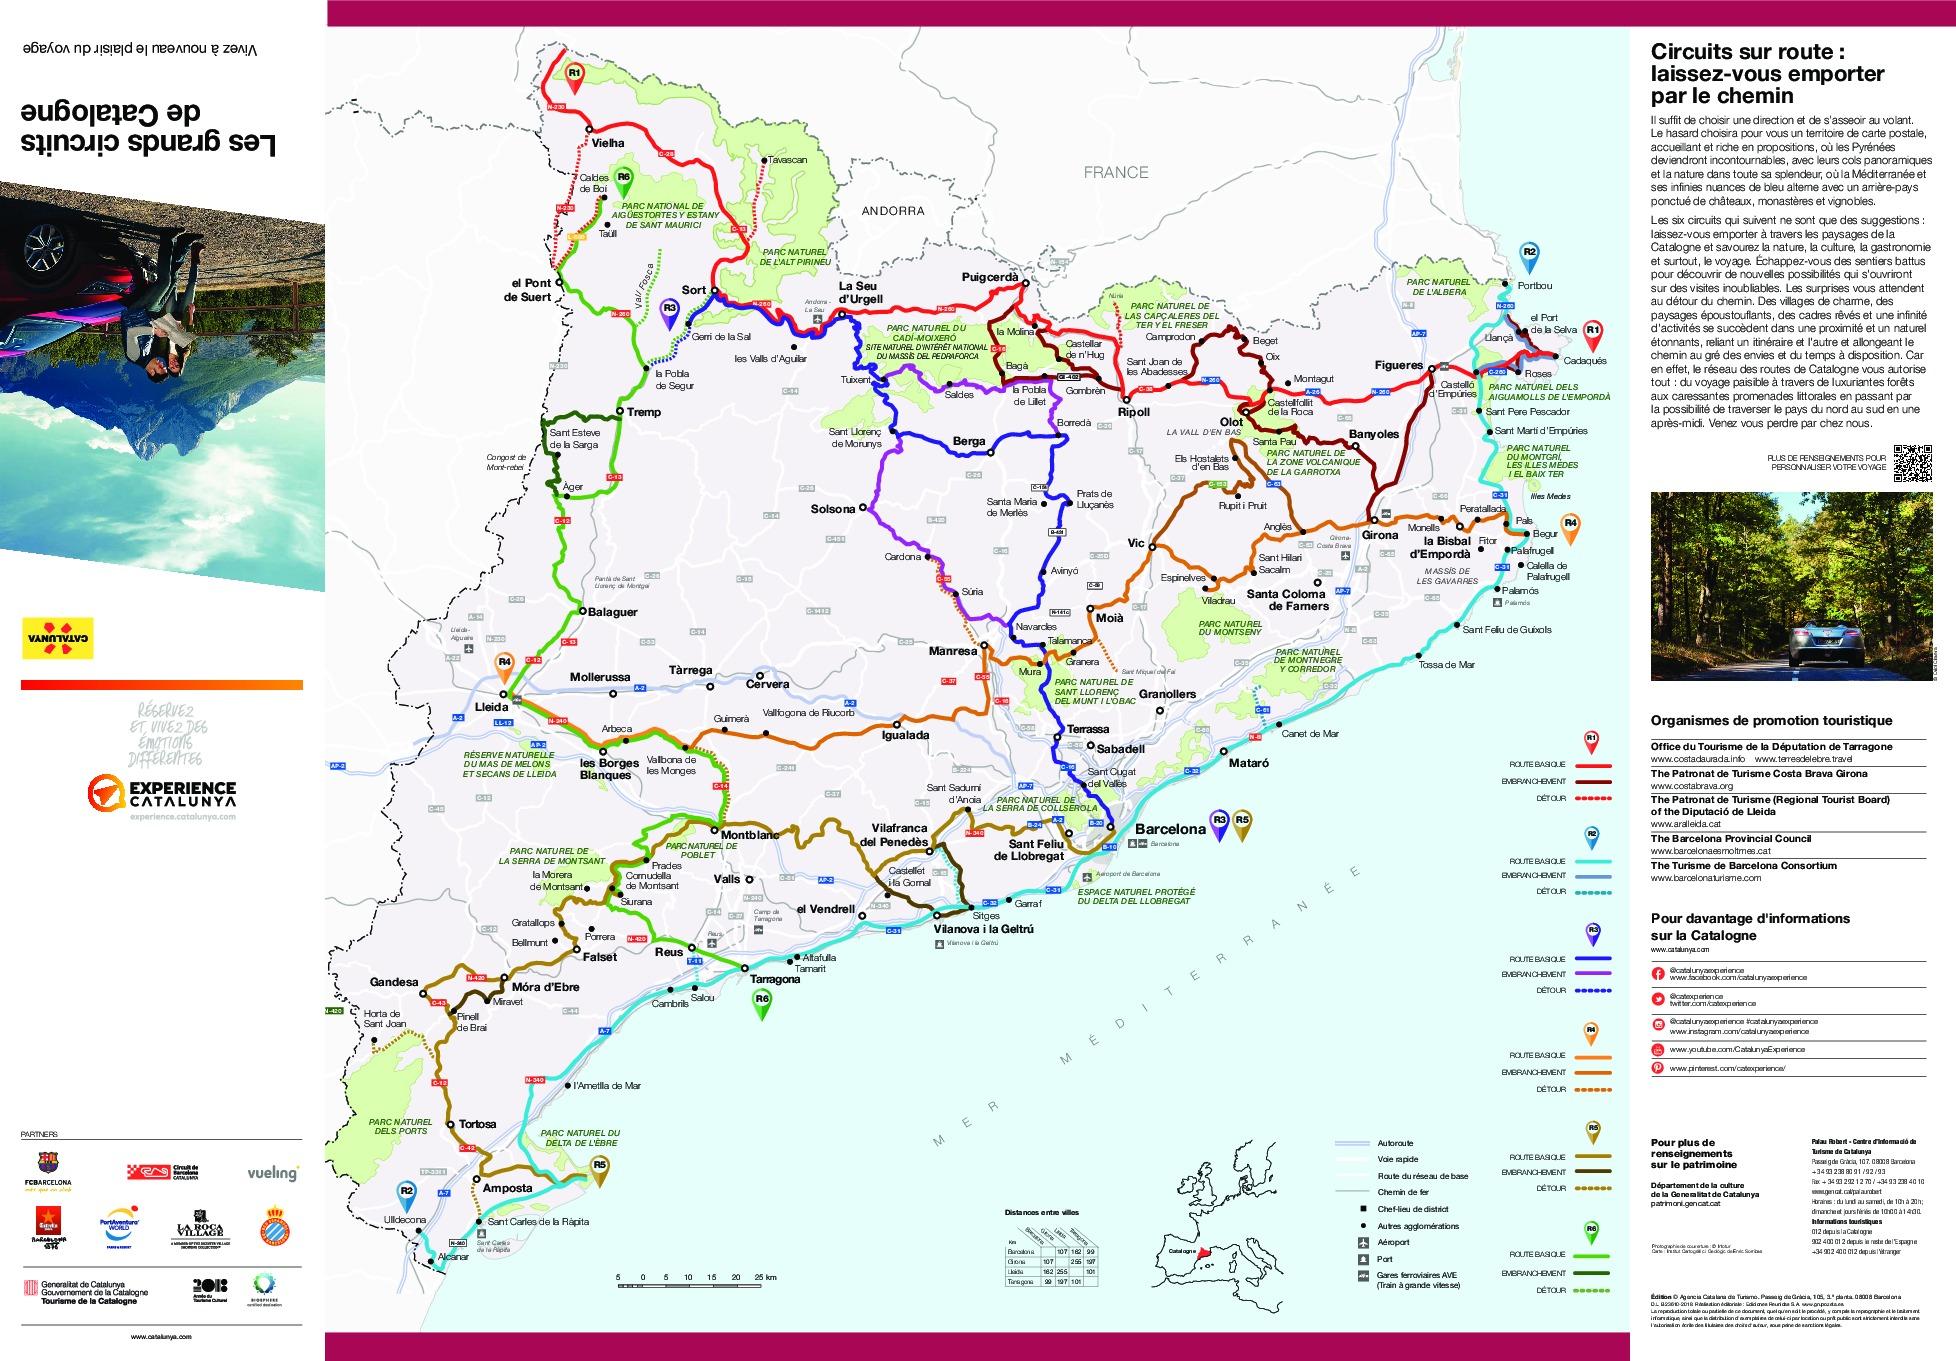 Les grands circuits de Catalogne